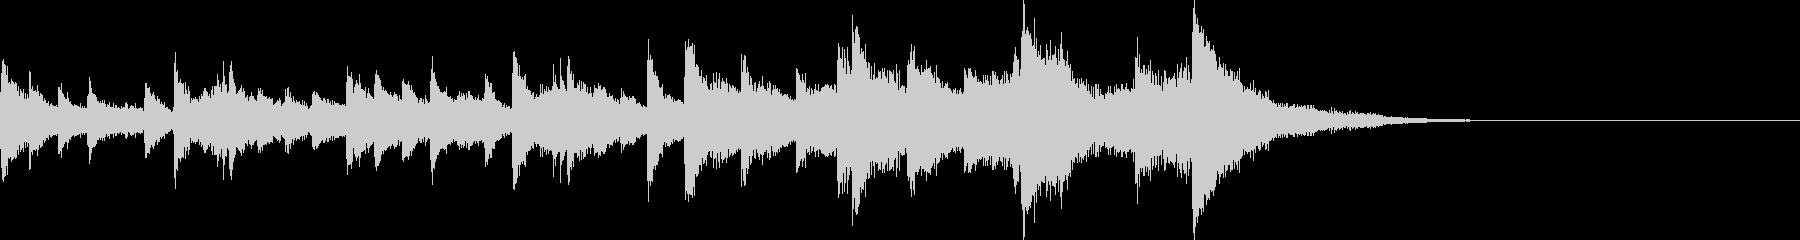 ピアノソロ タイトル画面の未再生の波形